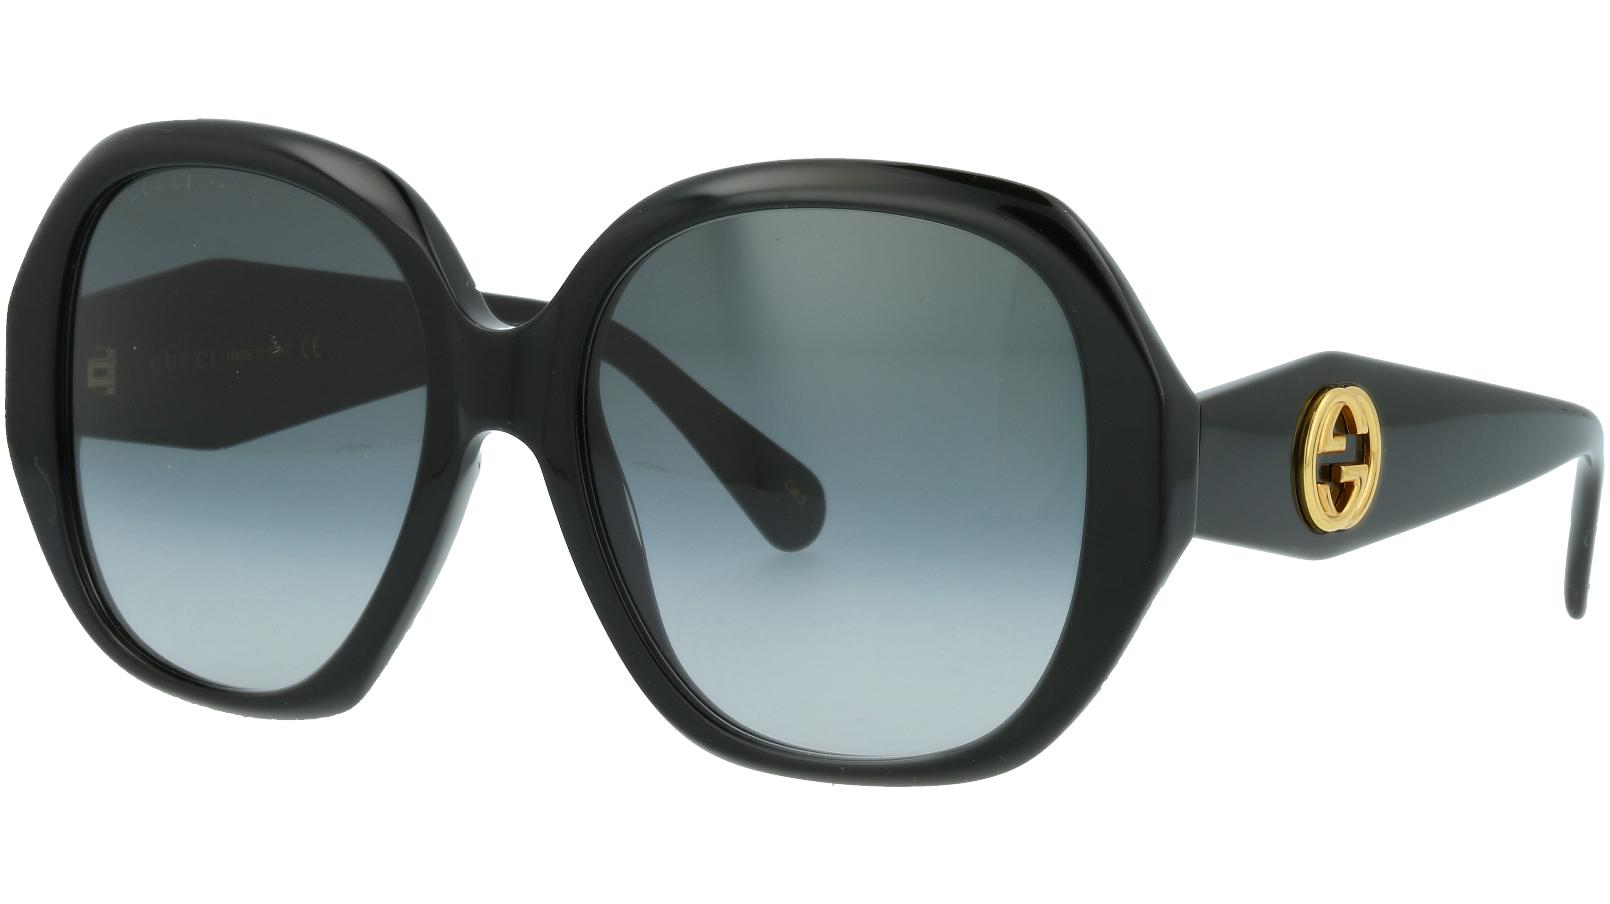 Gucci GG0796S 001 56 Black Full-Rim Sunglasses